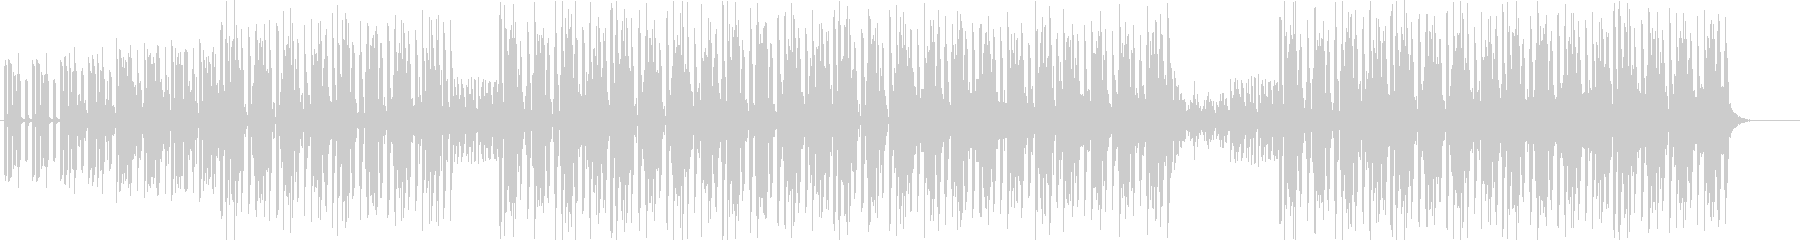 バブリーで軽薄な80年代ブラコン系歌謡の未再生の波形